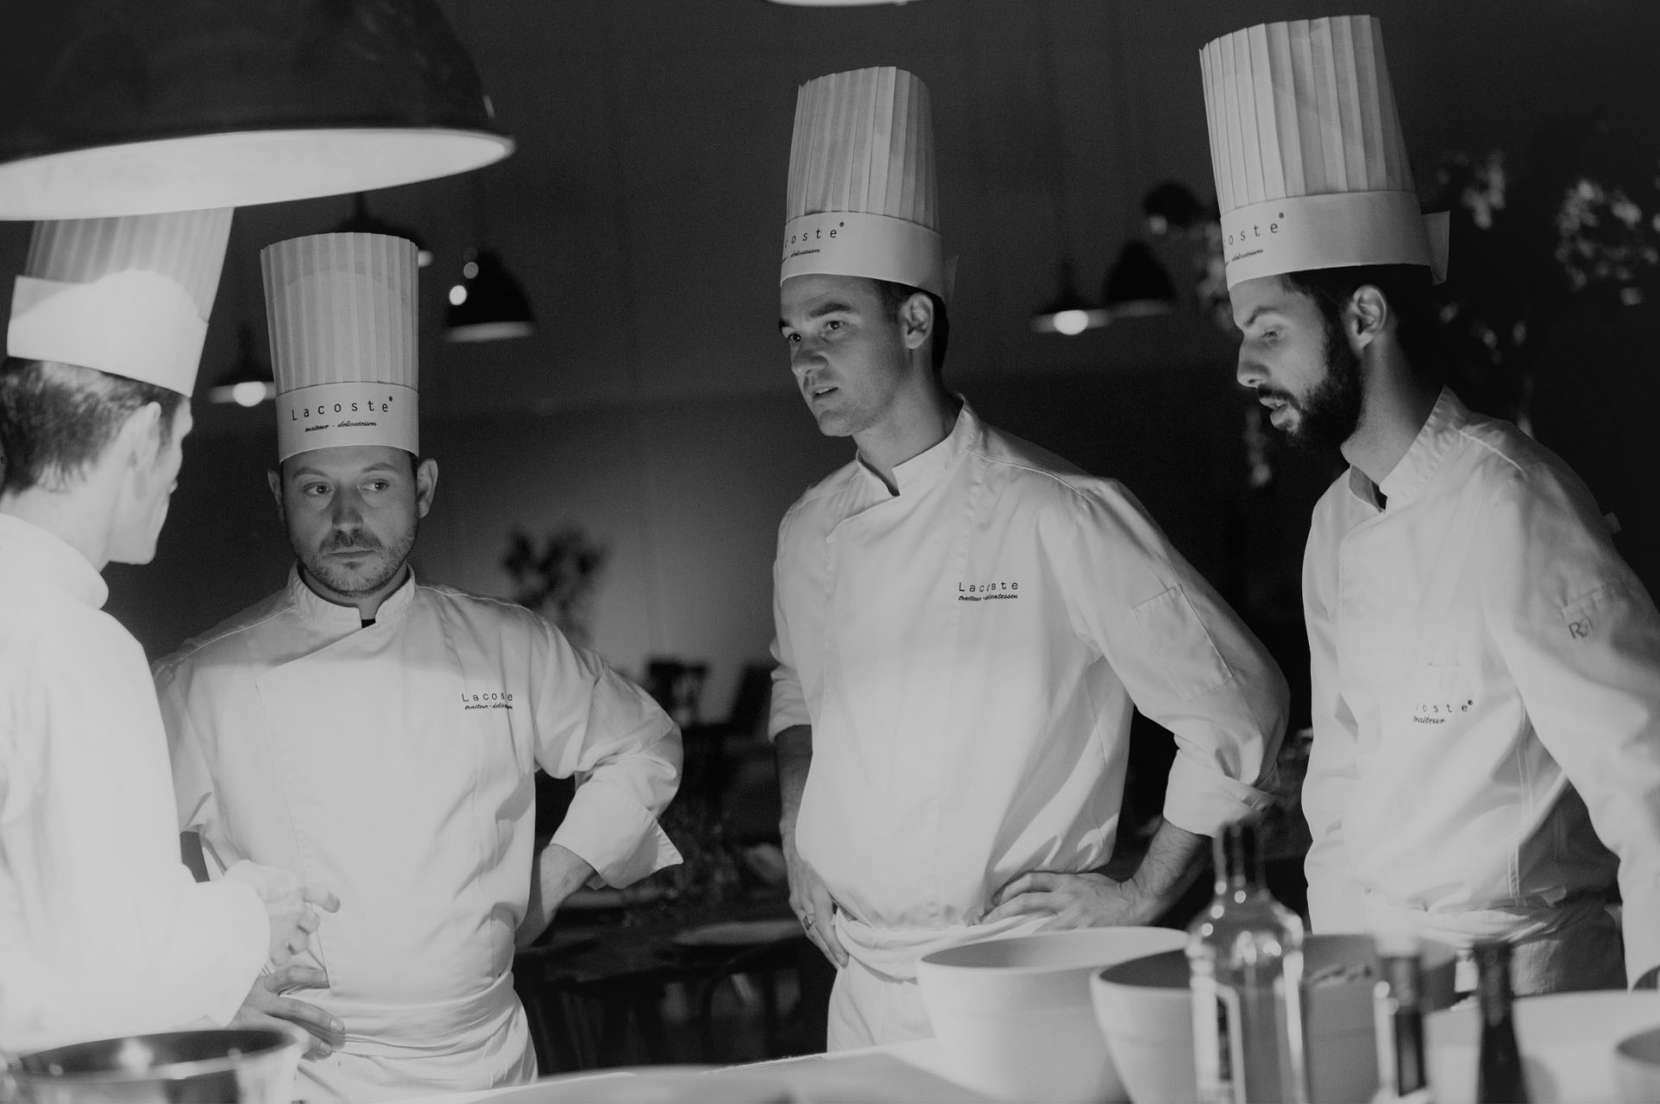 equipe-de-cuisine-de-chez-Lacoste-traiteur-avant-le-service-au-palais-des-congrès-de-bordeaux-1660x1104.jpg